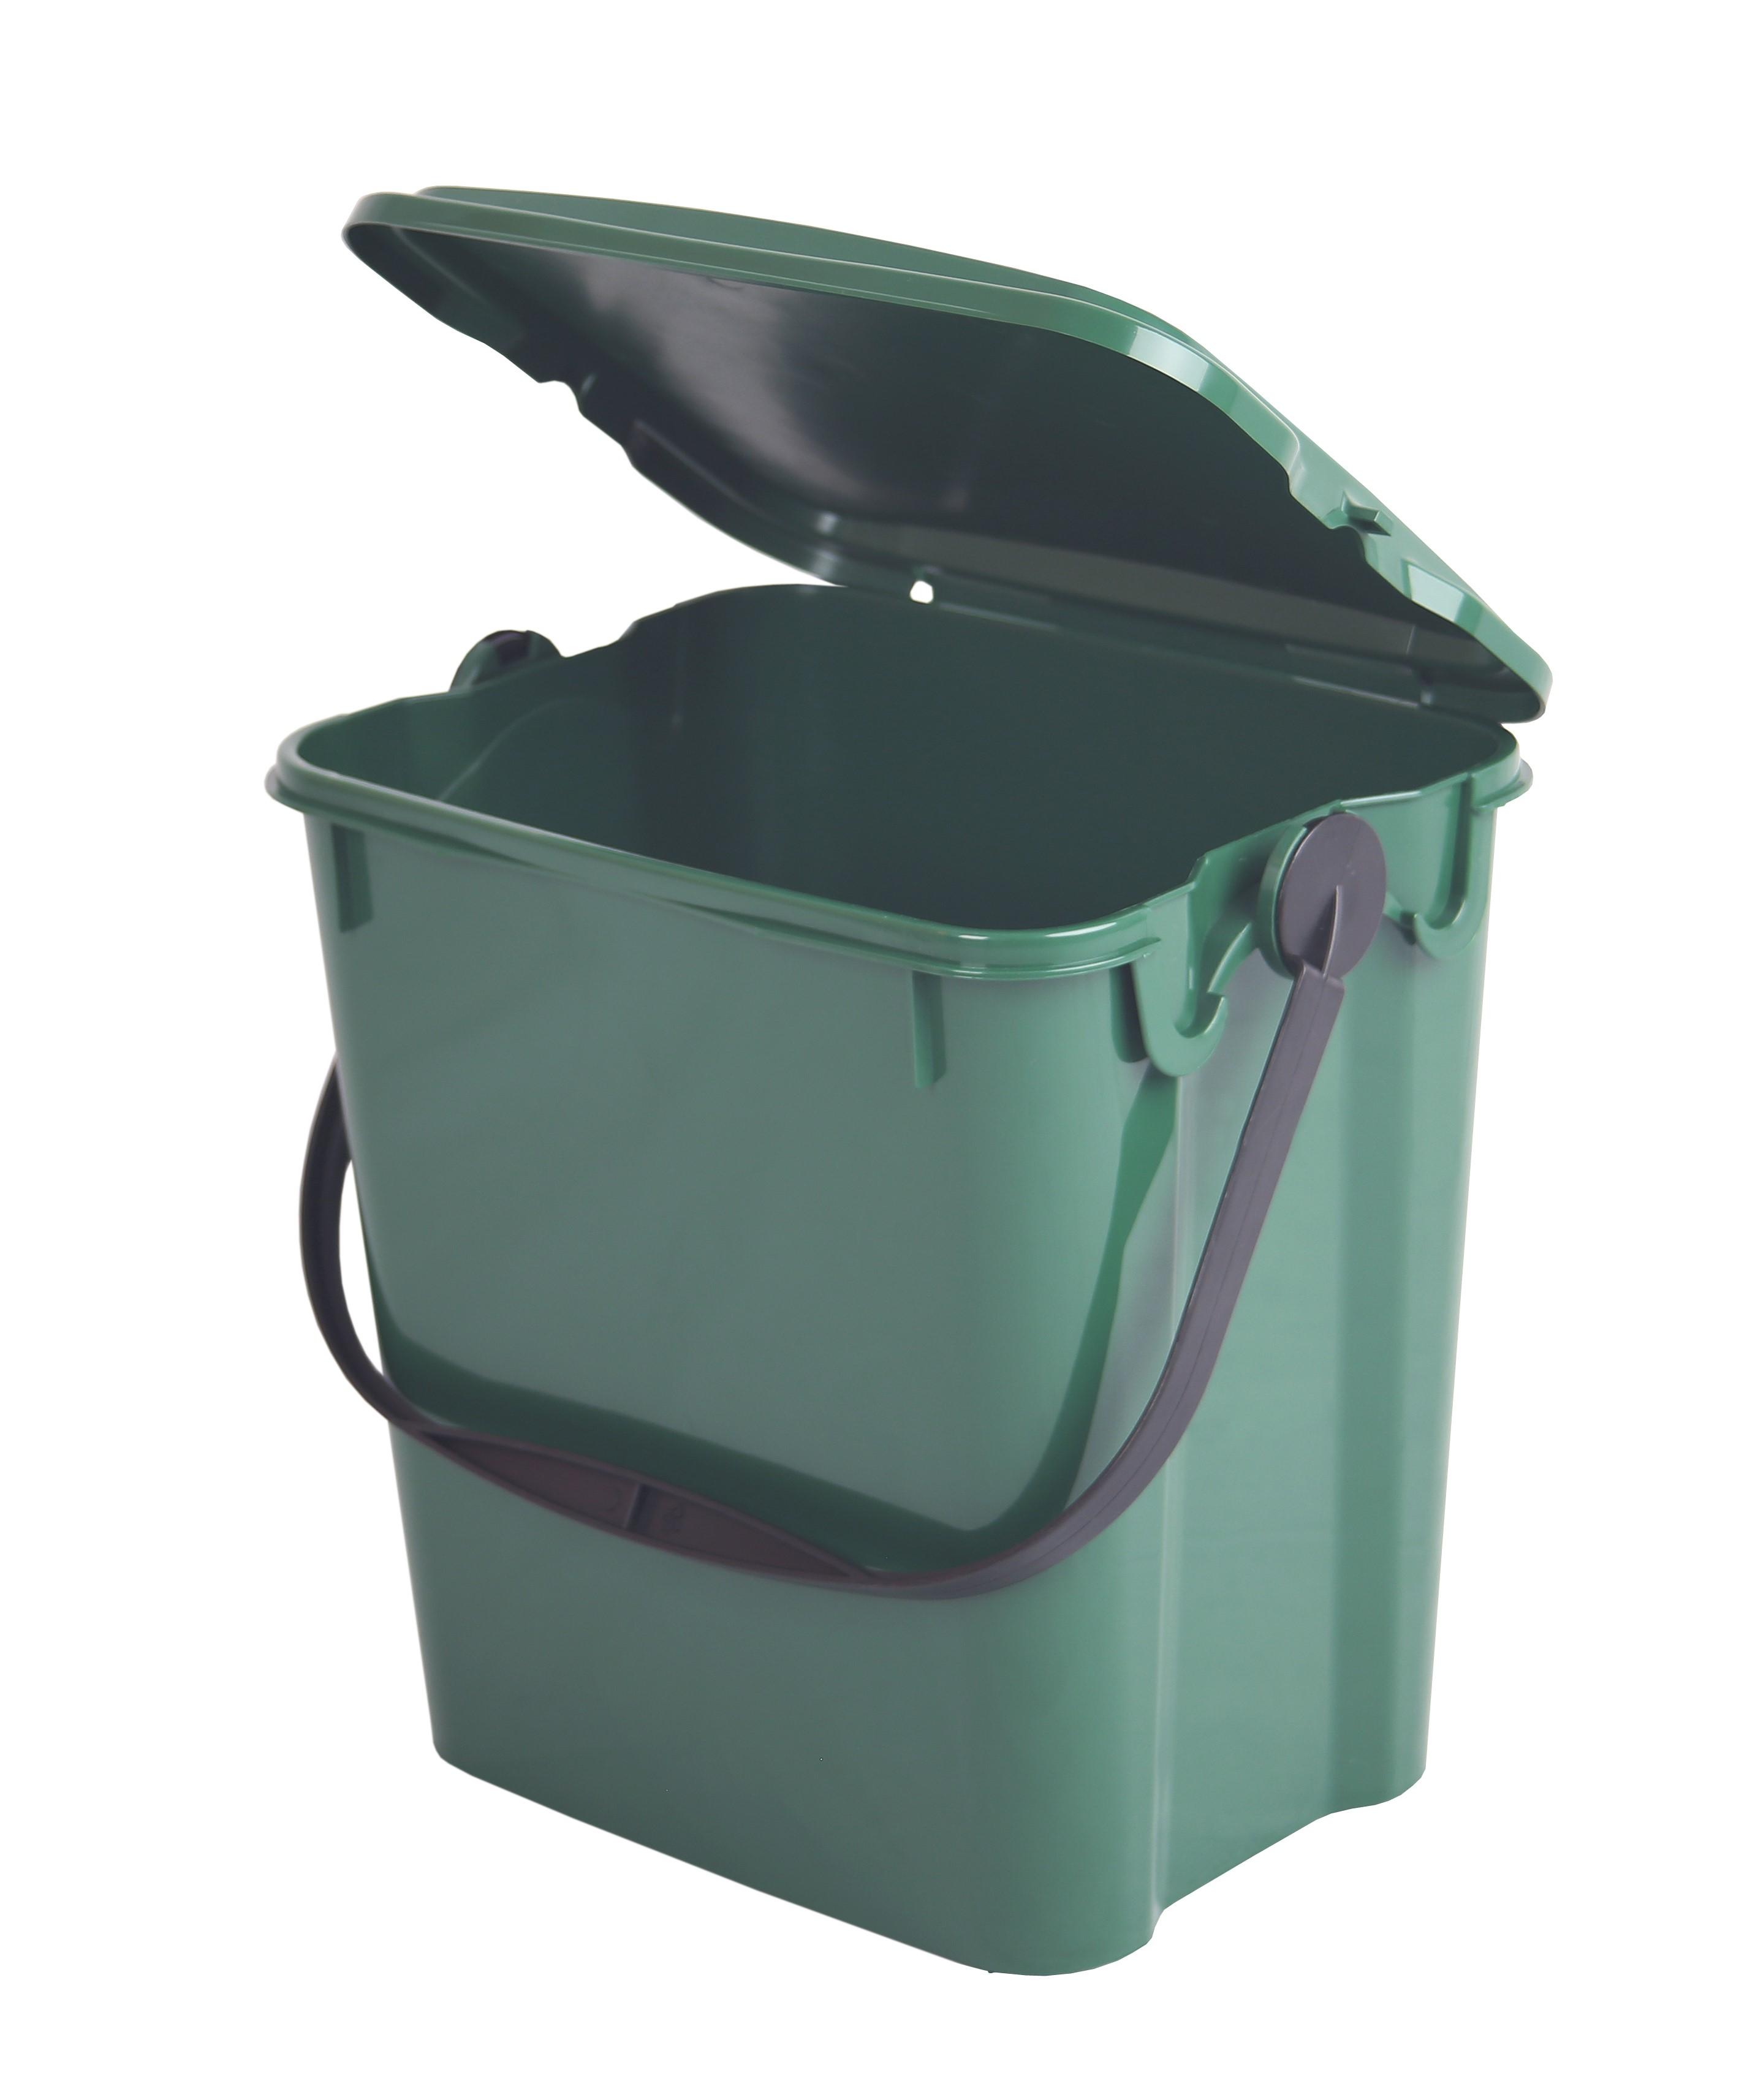 Komposteimer (Bio Mülleimer) für Biomüll in der Küche (20 l) grün